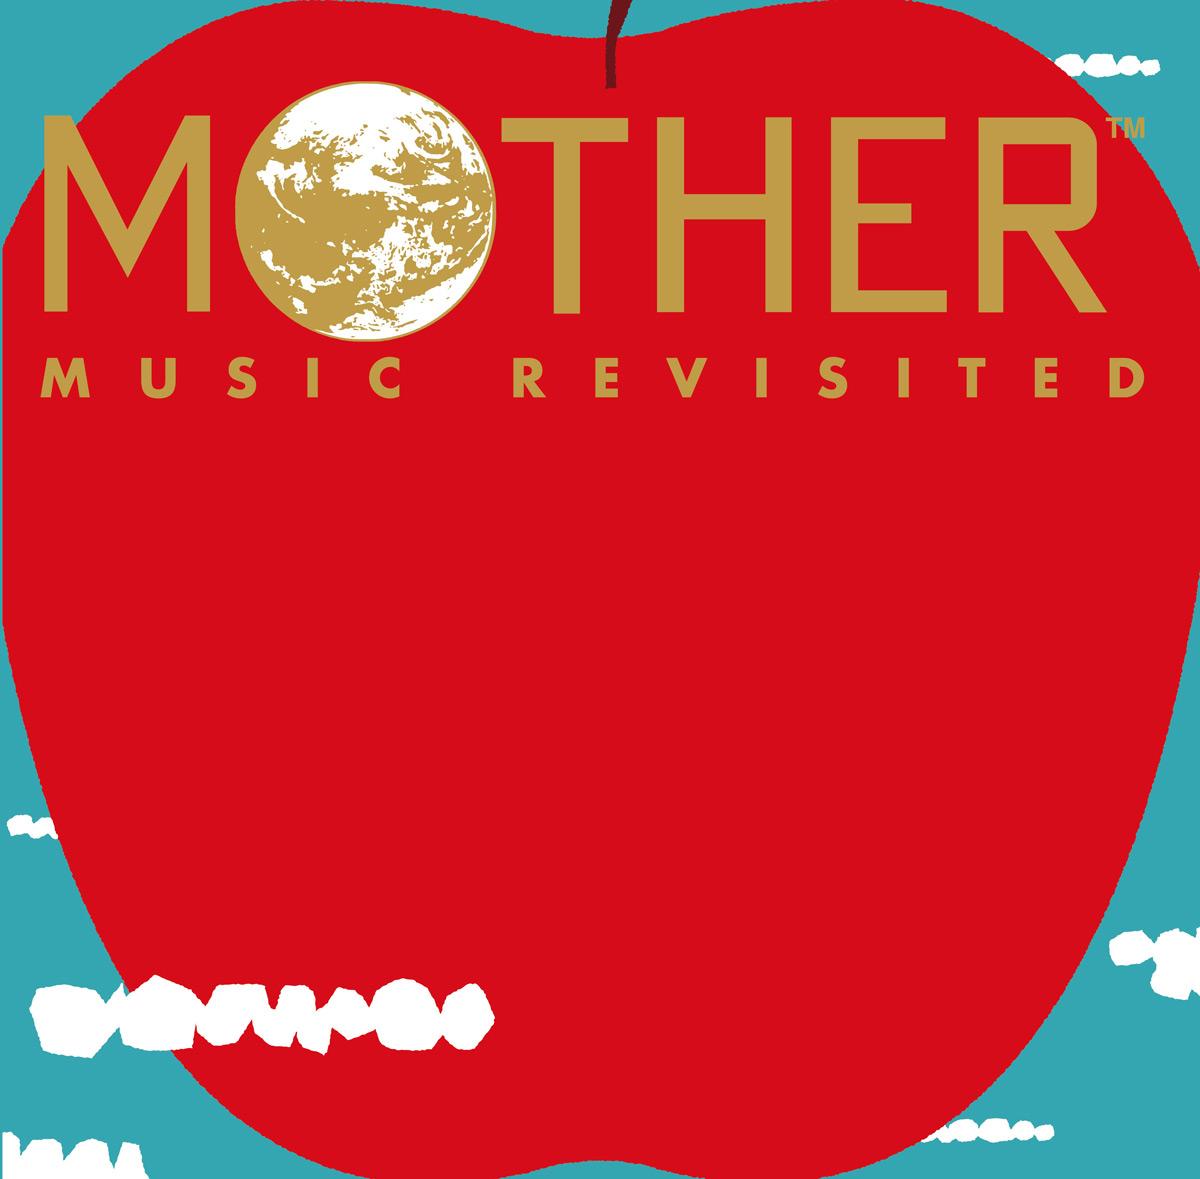 名作「MOTHER」セルフカバーアルバムDISC2の内容発表 Snowmanライブ映像も公開